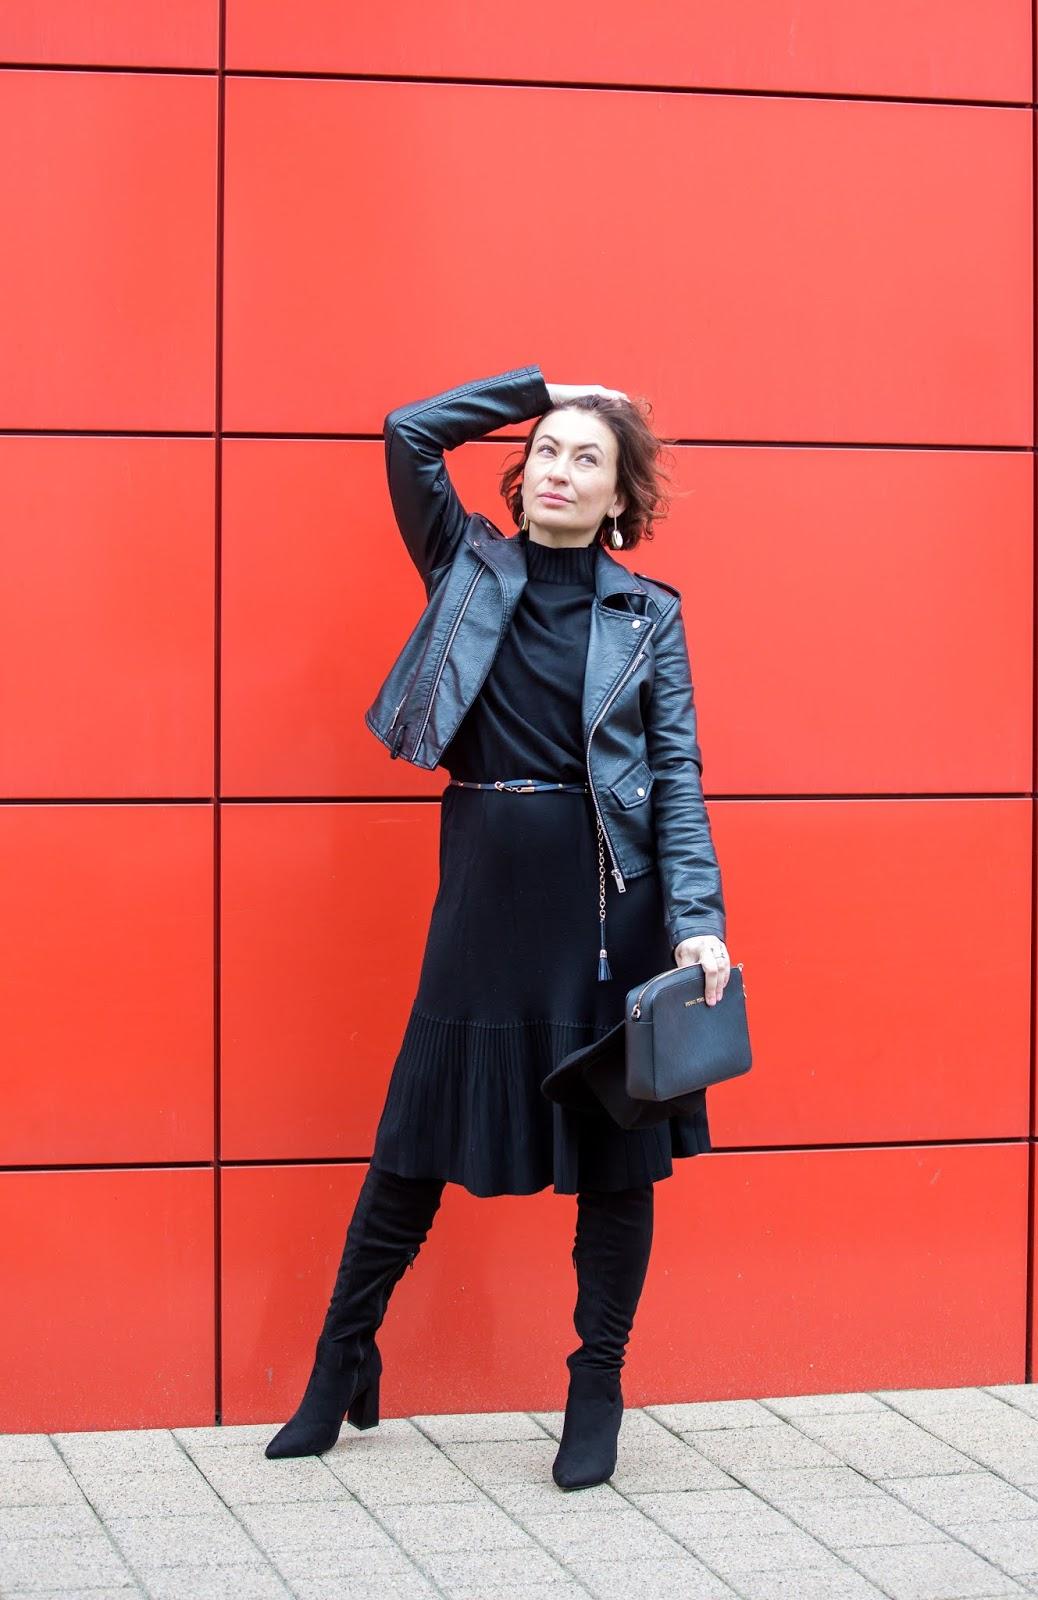 bastet, Bastet Knitted Dress, blog modowy Puławy, Mała Czarna, Shoq.pl, sukienka BASTET, Sukienka Dzianinowa Bastet, www.adriana-style.com, polska marka, sklep shoq.pl, torebka michael kors